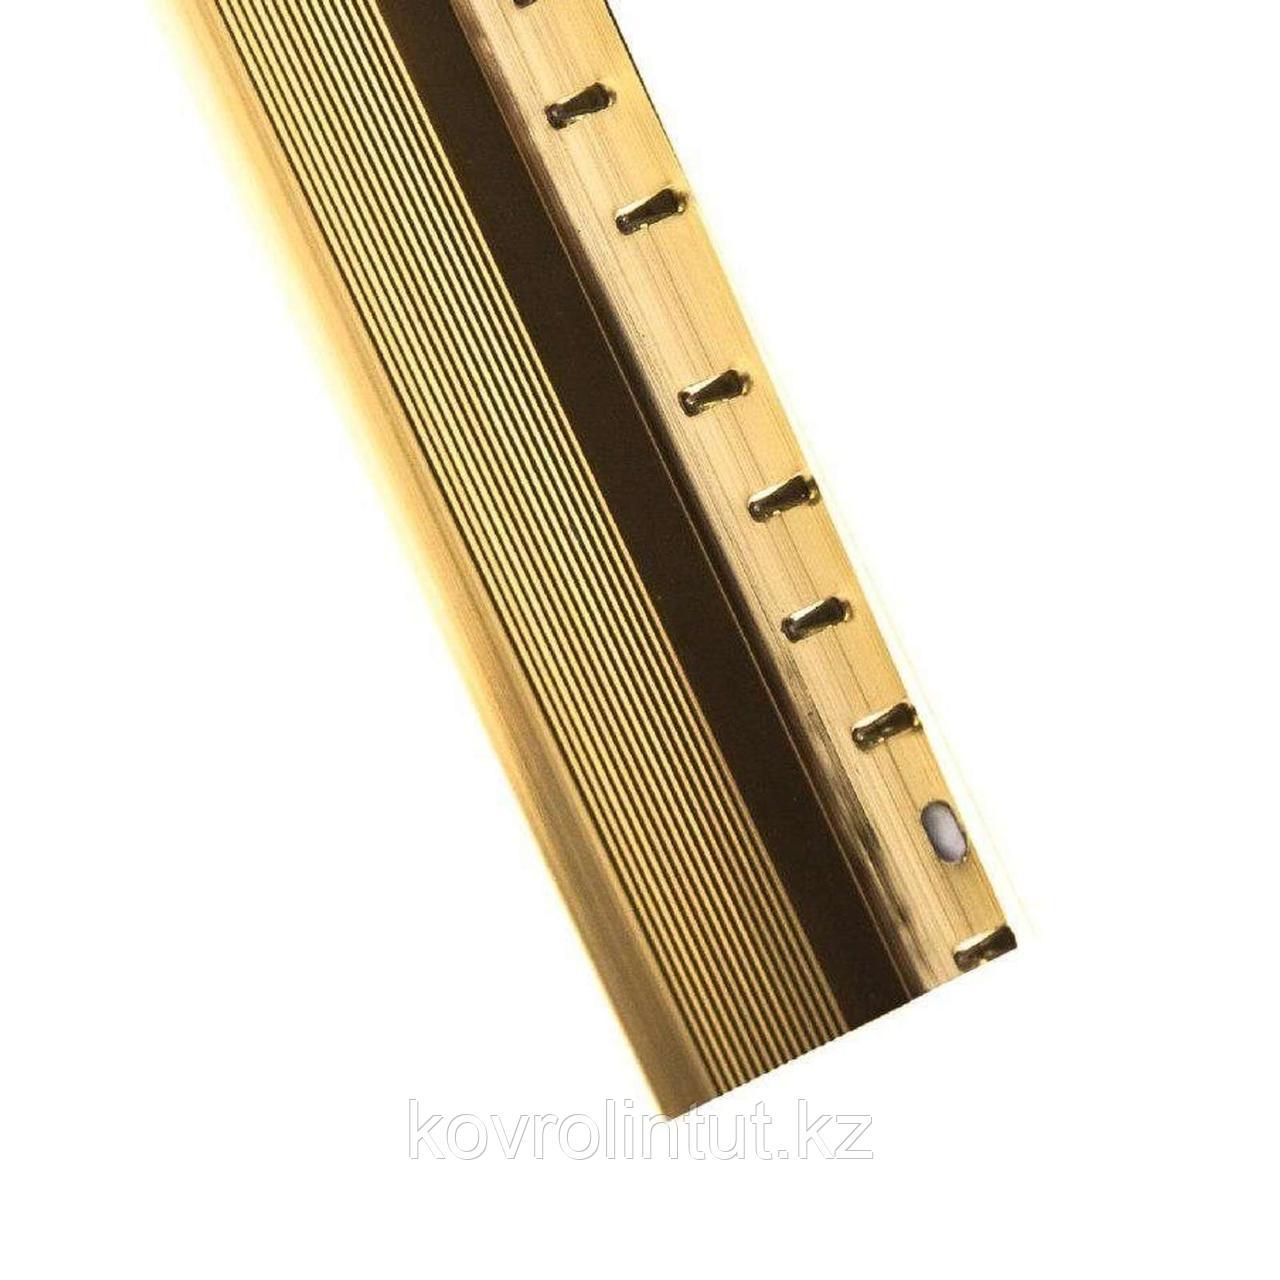 Порог-профиль для ковровых покрытий ZIG ZAG TXM33.9G 2,7 м